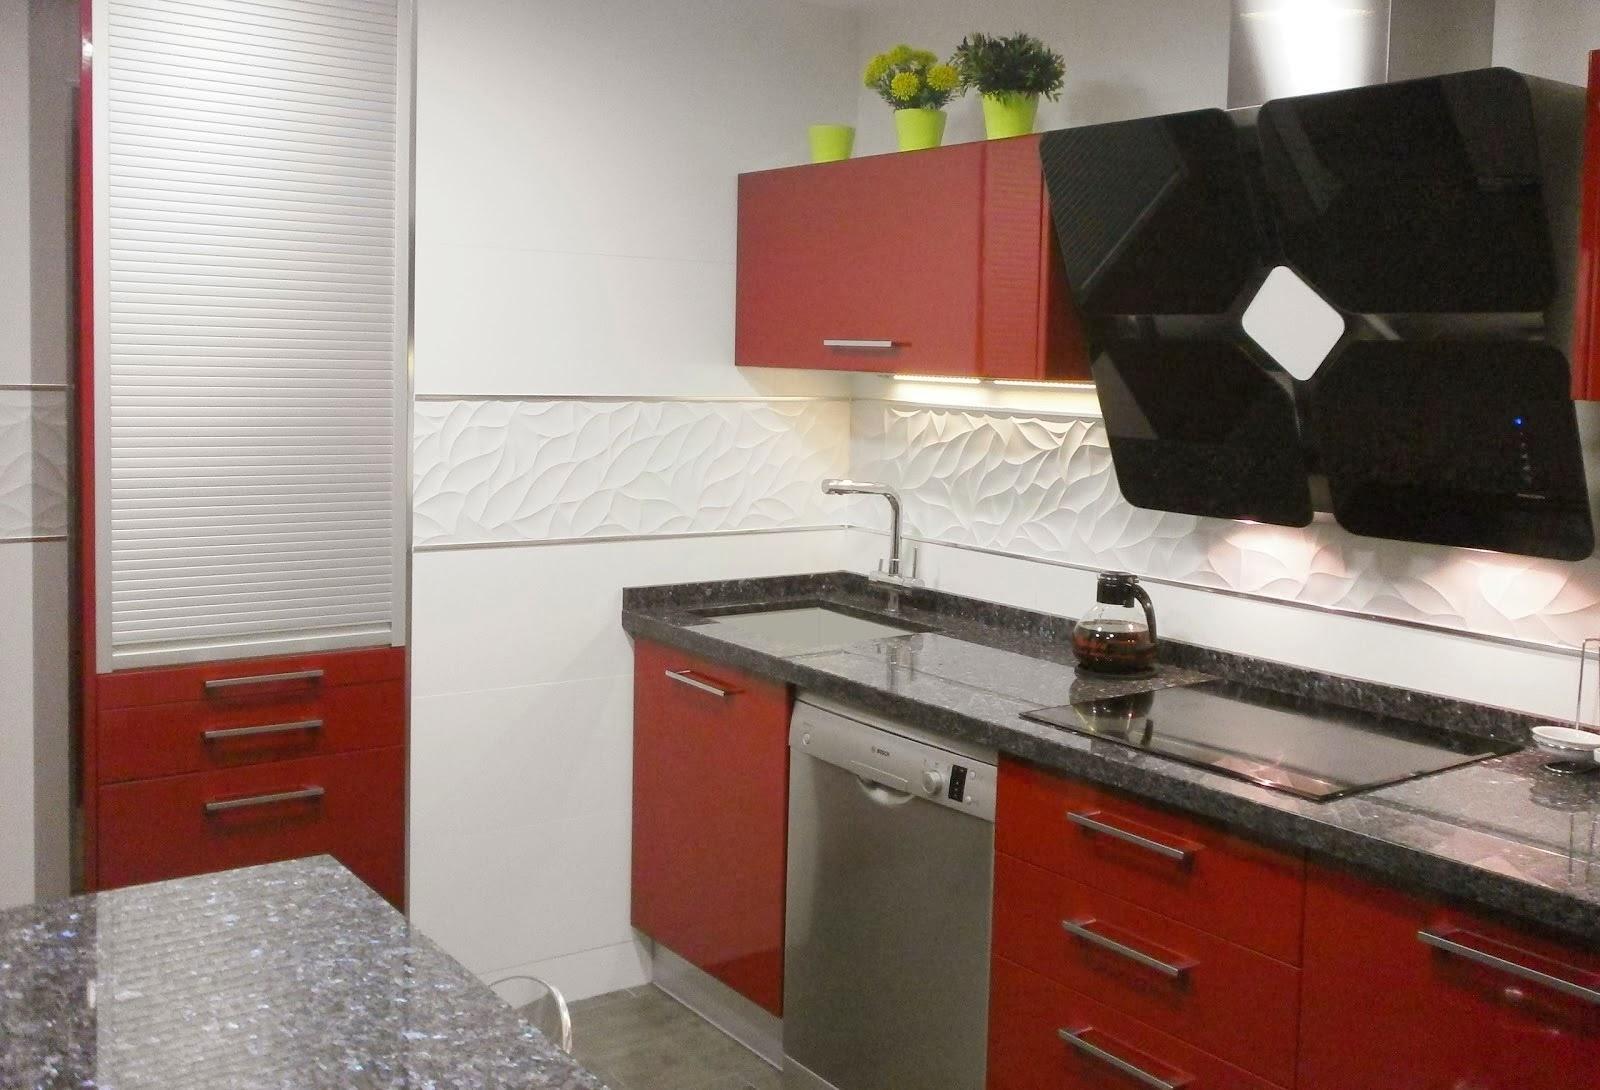 Materiales para cocinas I laminados resistentes y econmicos  Cocinas con estilo  Ideas para disear tu cocina